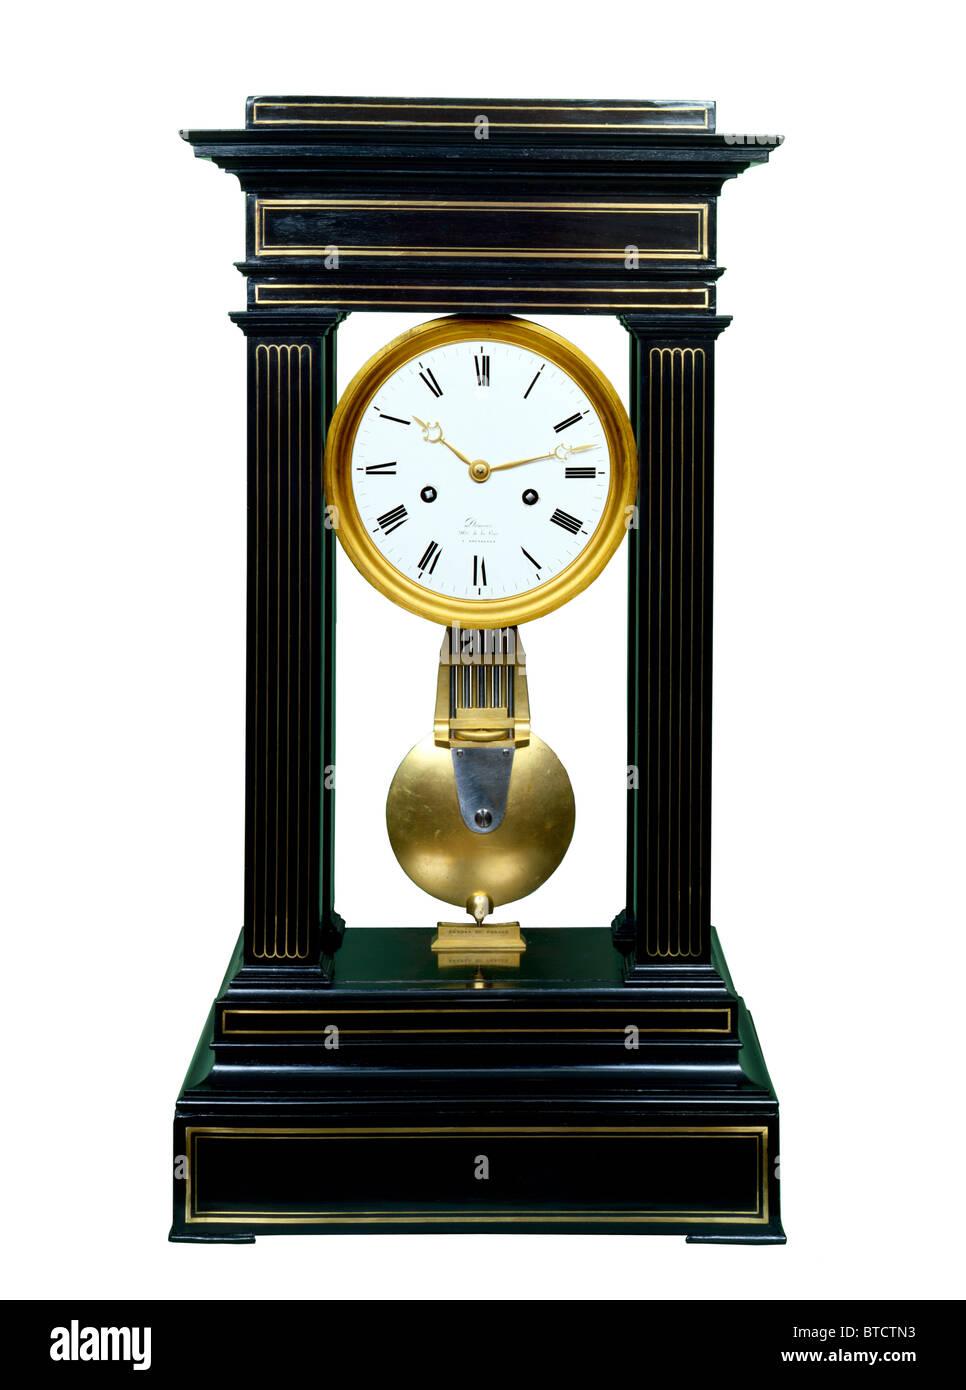 antique portico clock - Stock Image